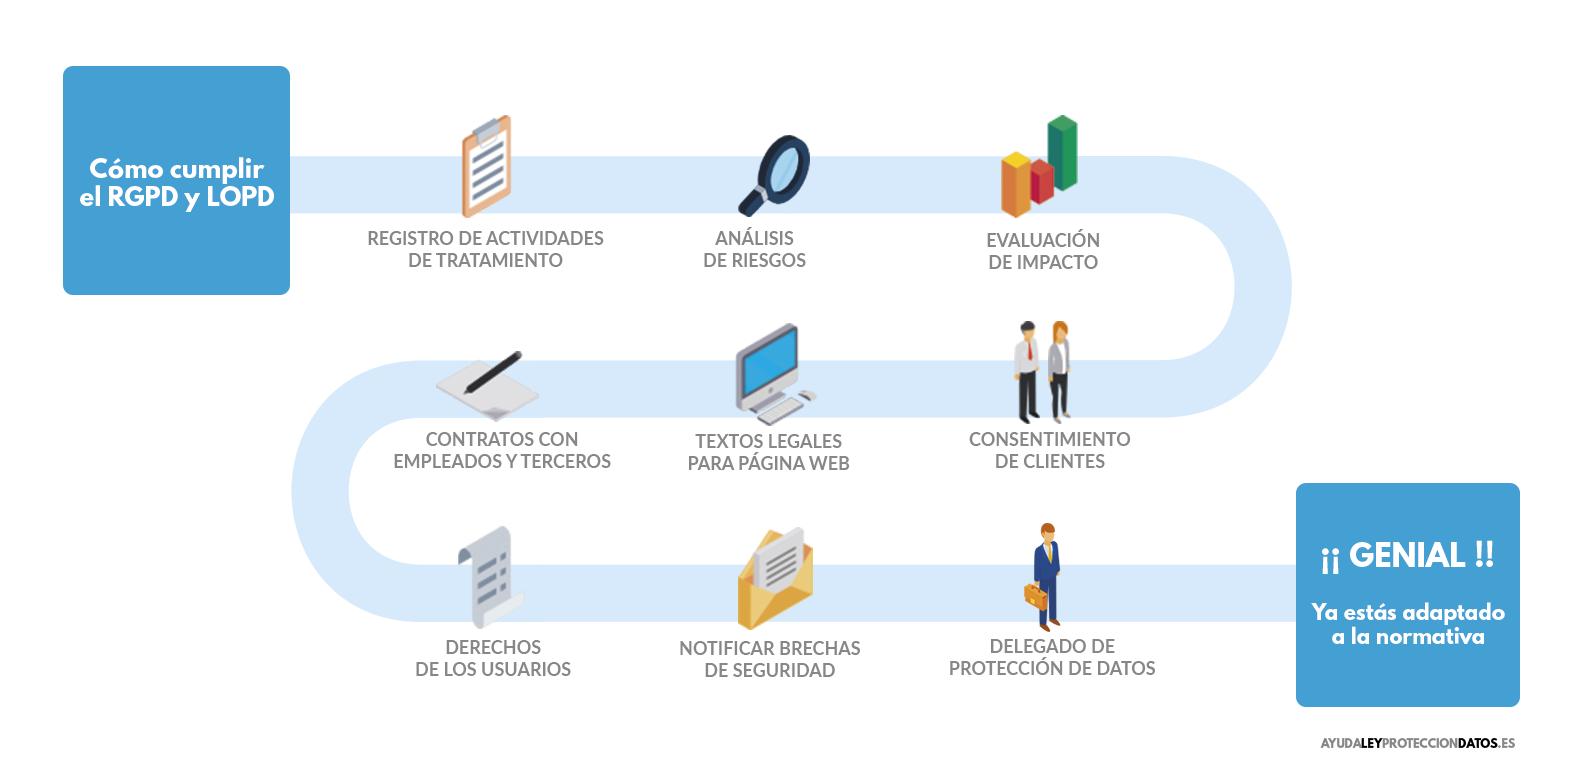 como cumplir la ley de proteccion de datos y el reglamento general de proteccion de datos en empresas de detectives